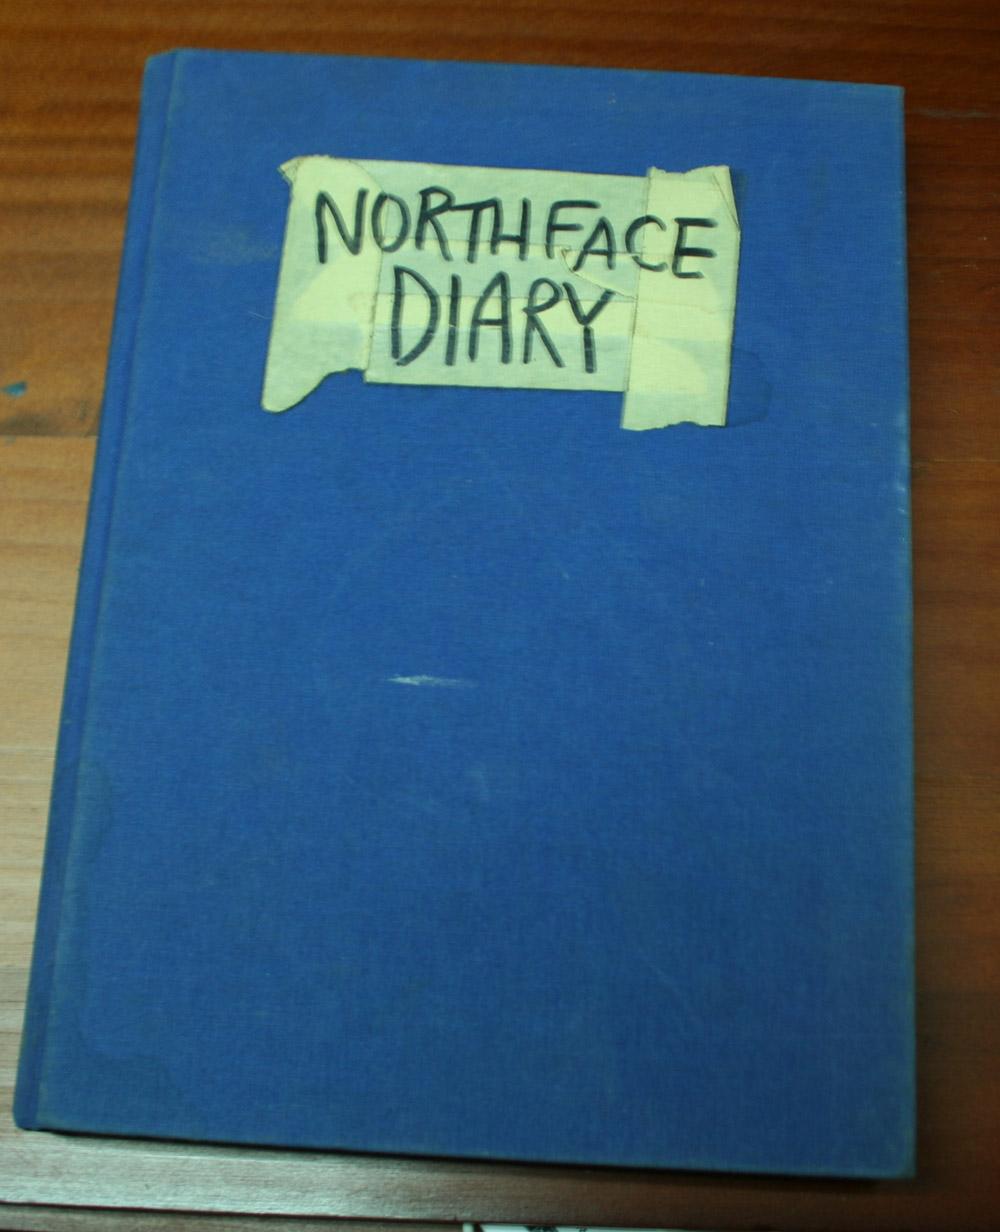 northfacediaryfront.jpg